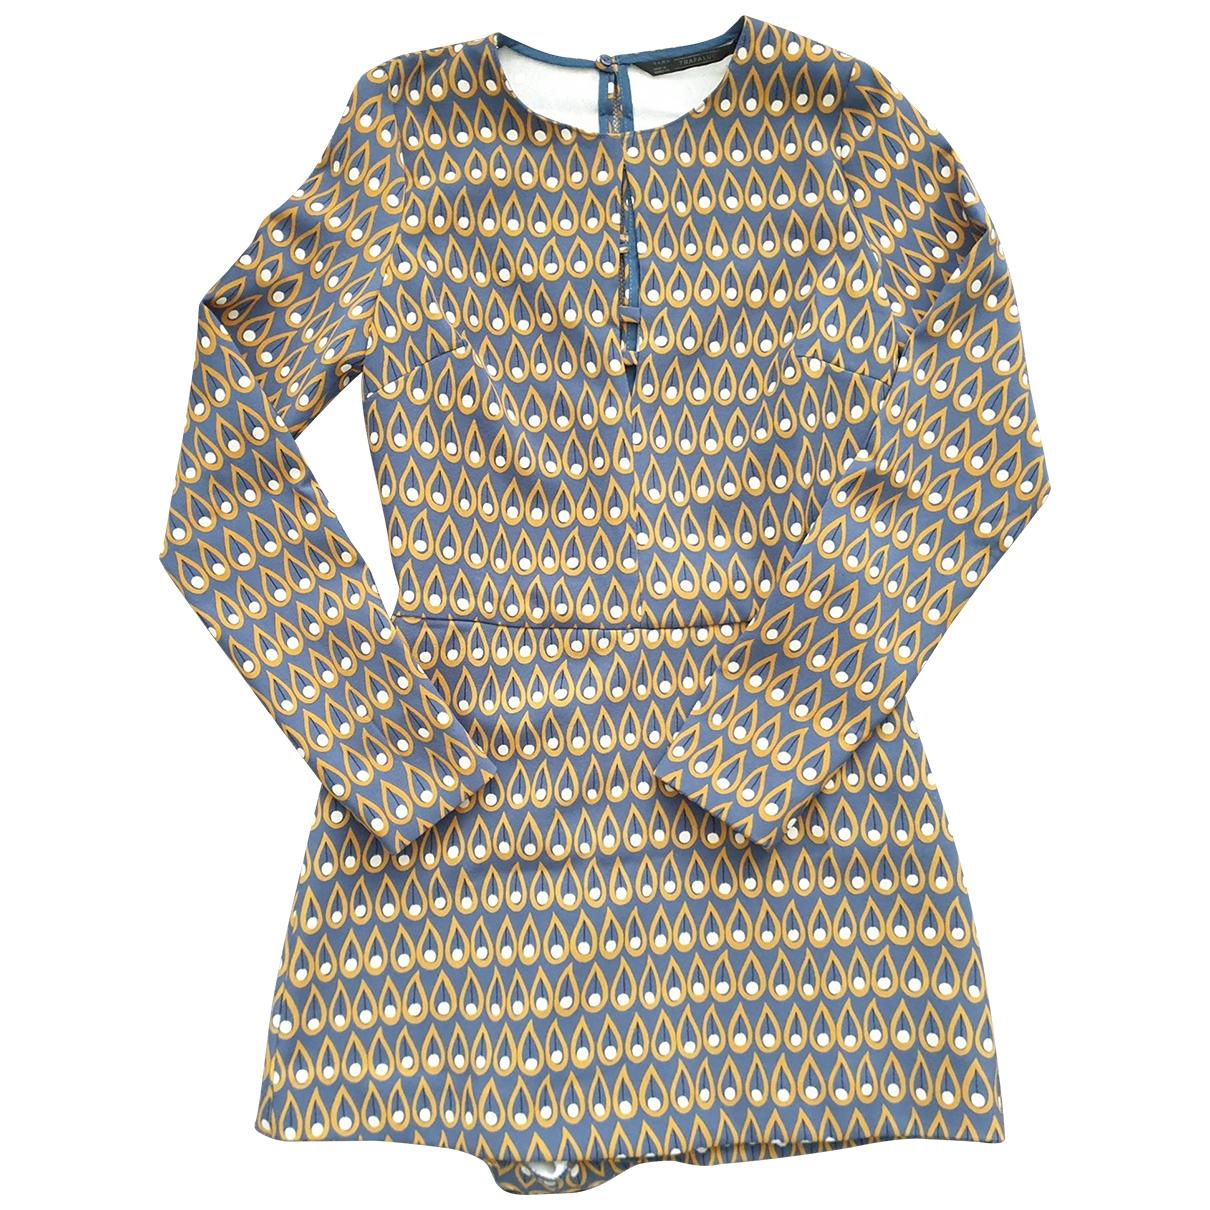 Zara \N Kleid in  Blau Synthetik